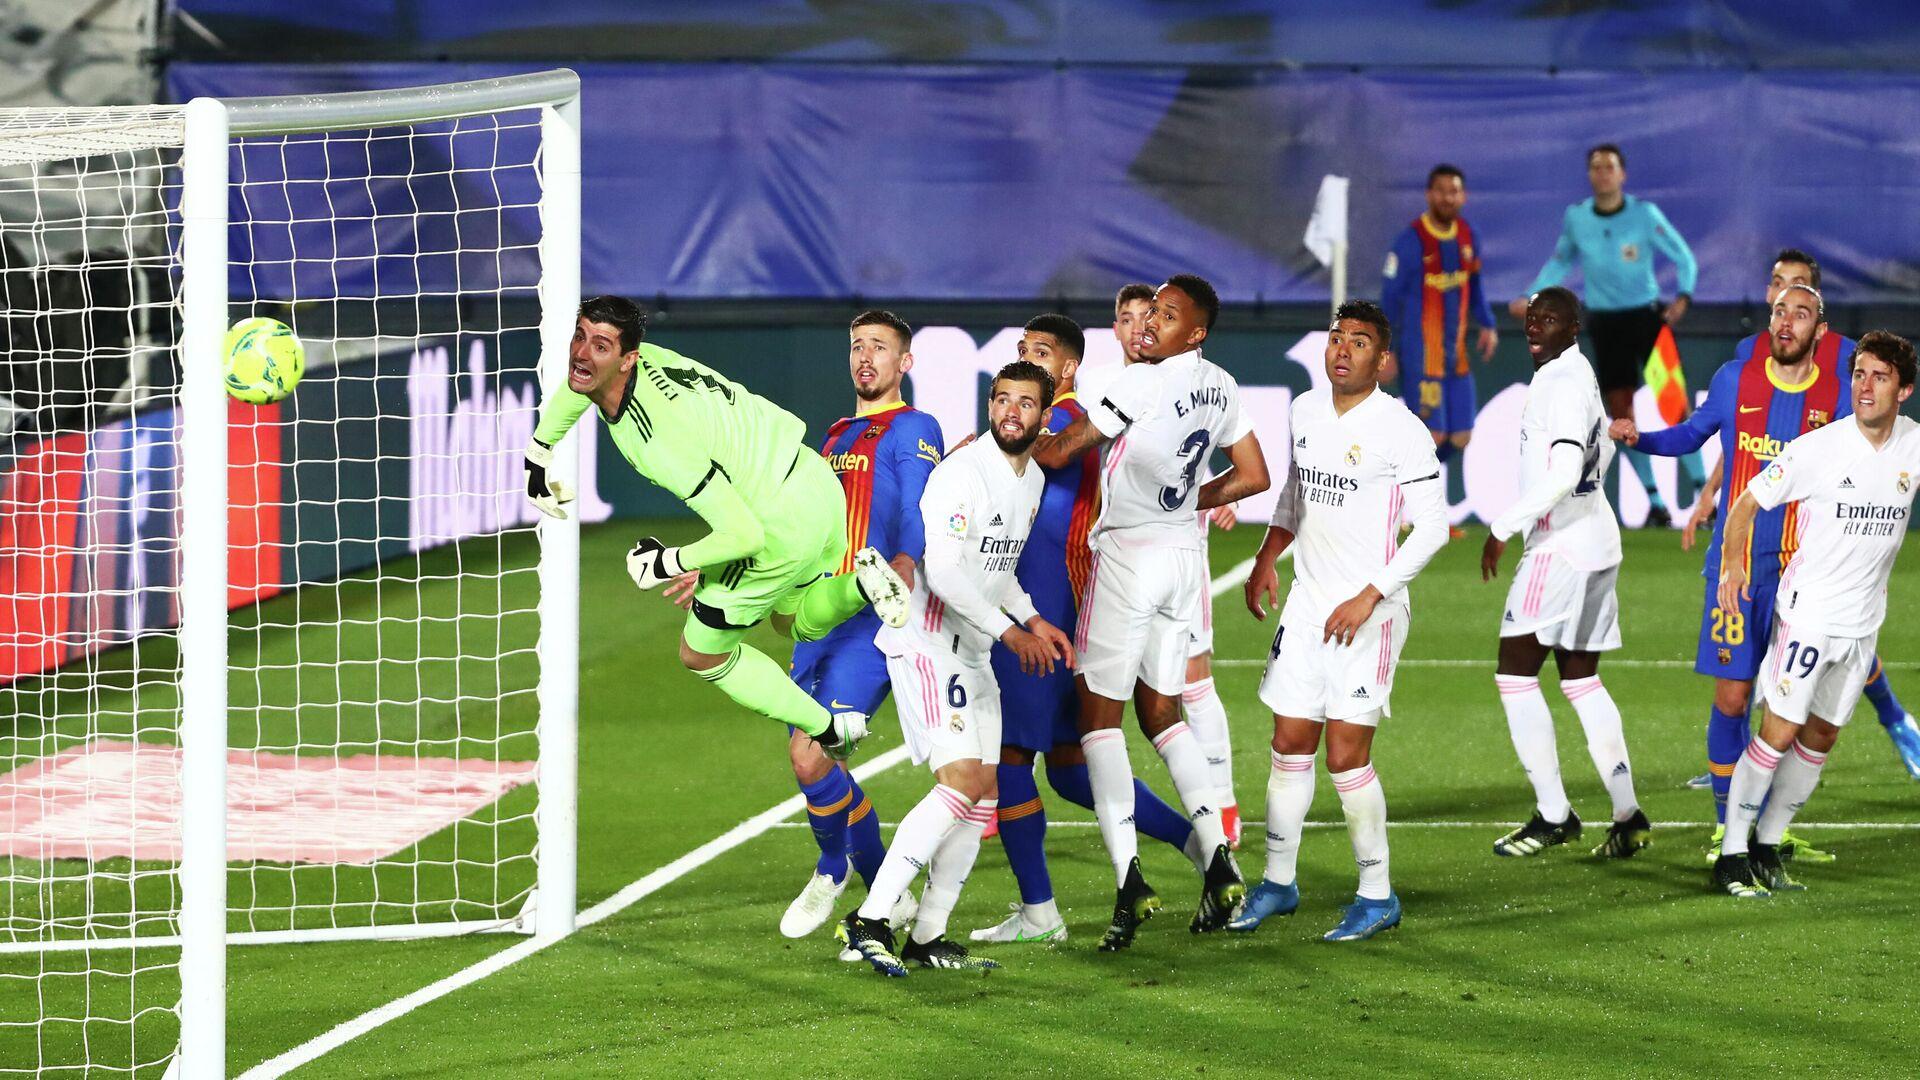 Игровой момент матча Реал - Барселона - РИА Новости, 1920, 19.04.2021